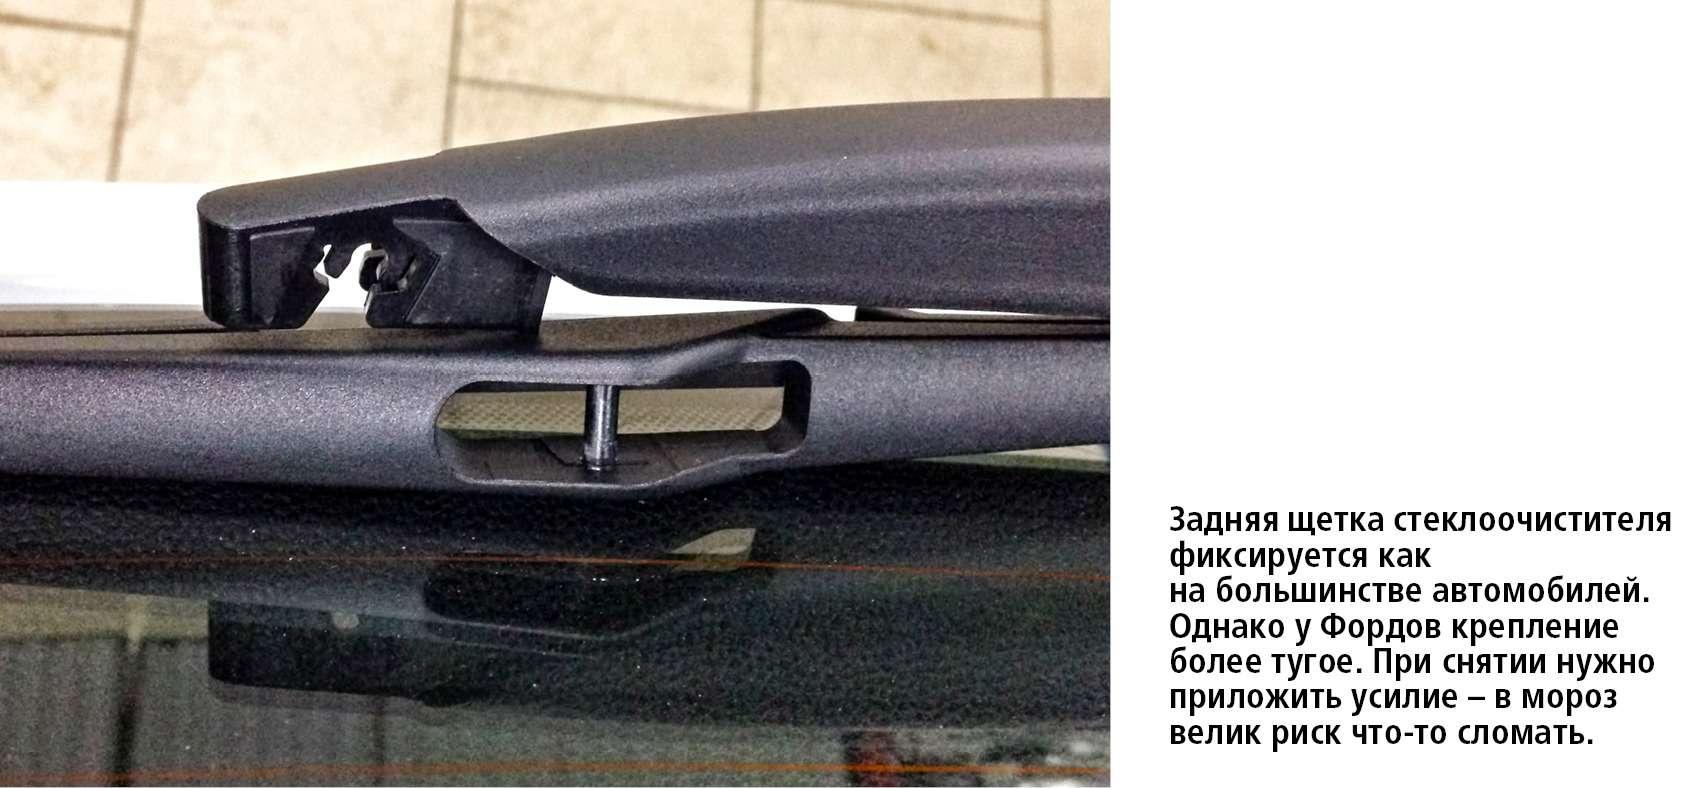 Ford Fiesta: проверка наремонтопригодность— фото 610319